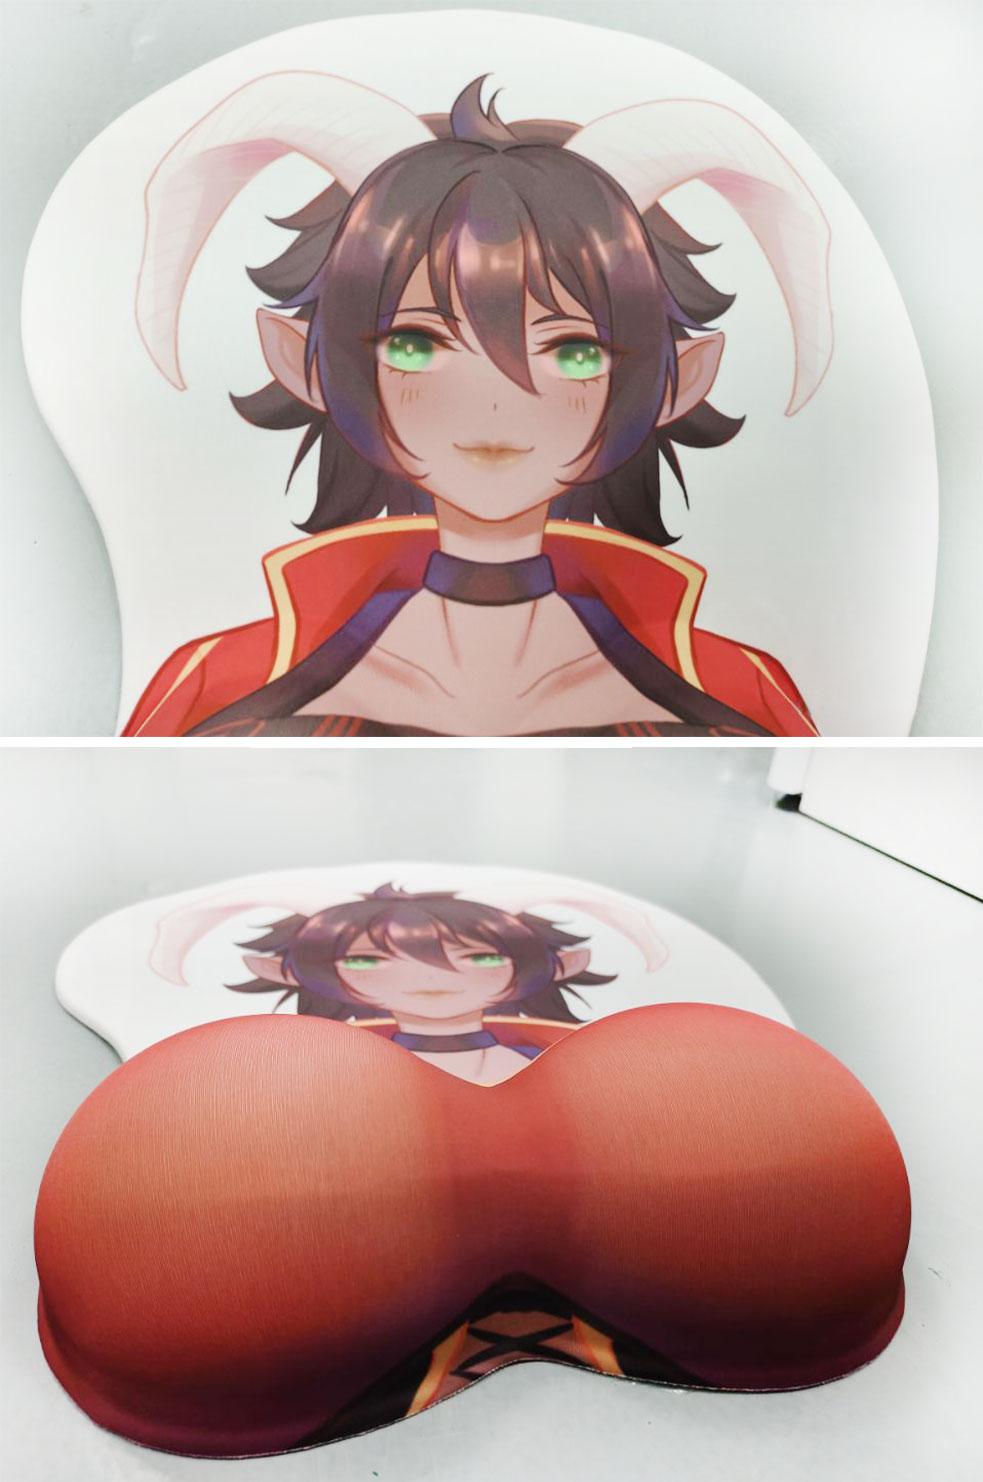 soraka life size oppai mousepad 7532 - Anime Mousepads